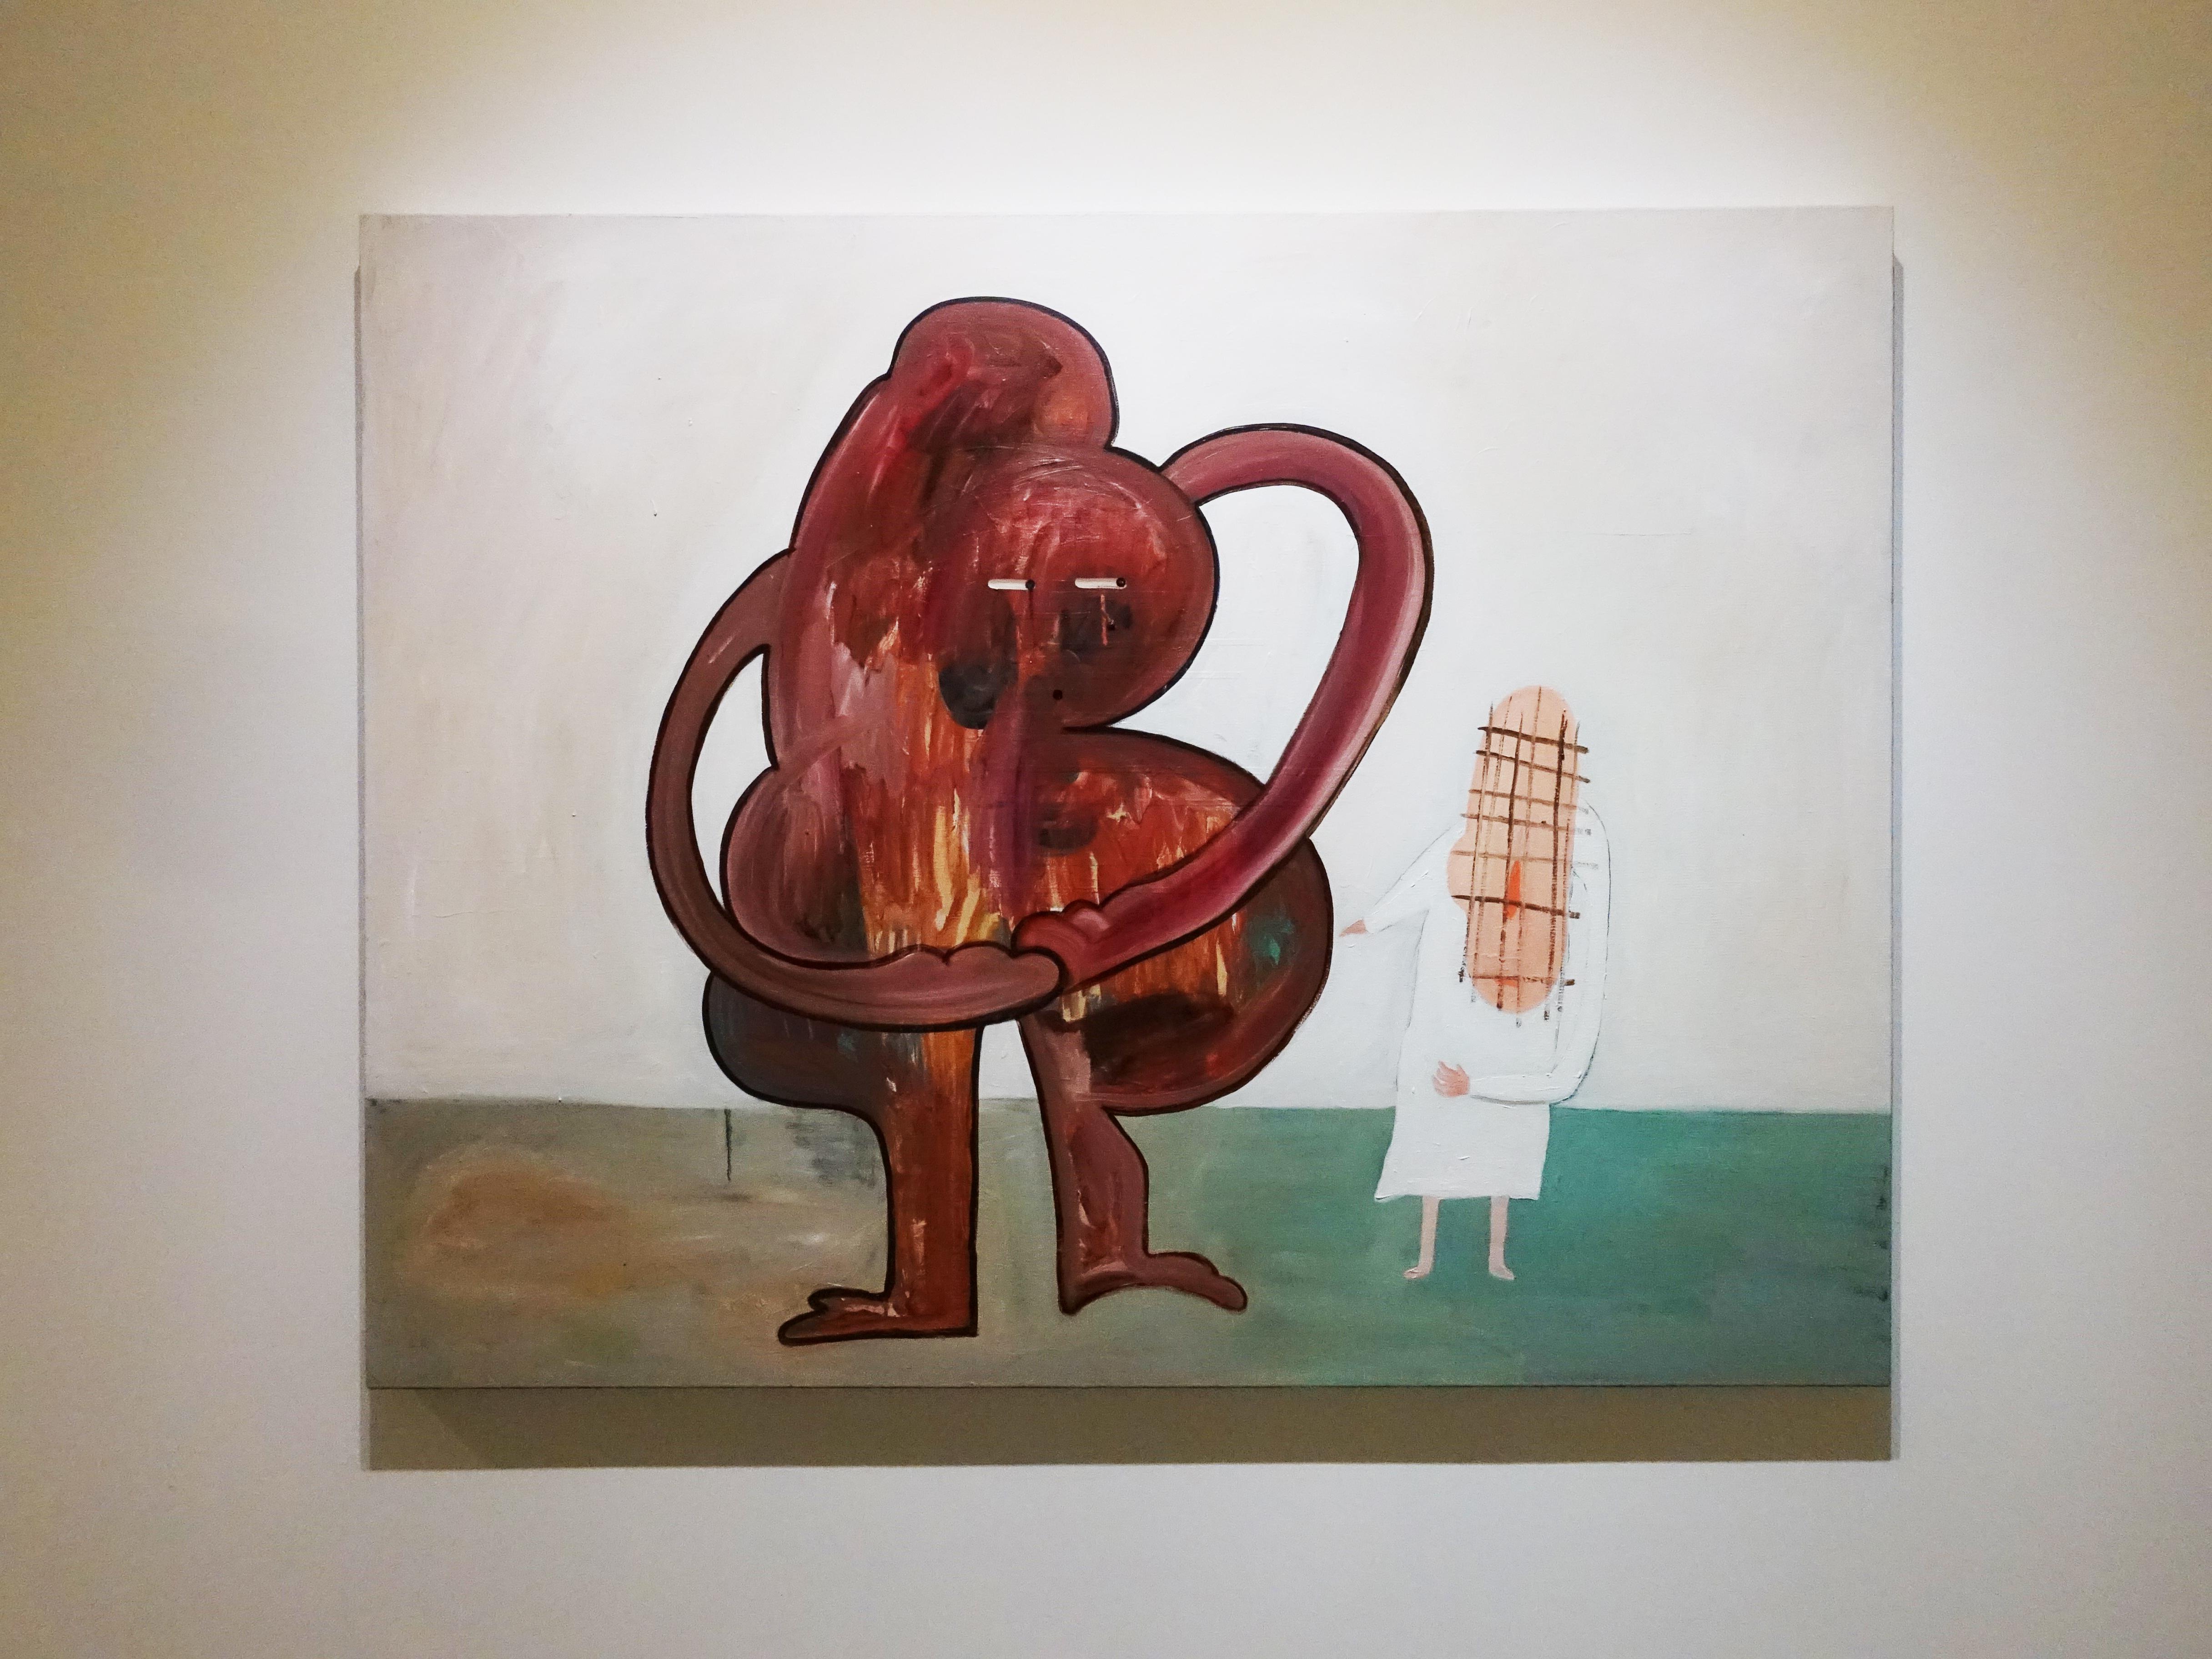 蕭筑方,《大便君》,112 x 145.5 cm,壓克力顏料、畫布,2019。